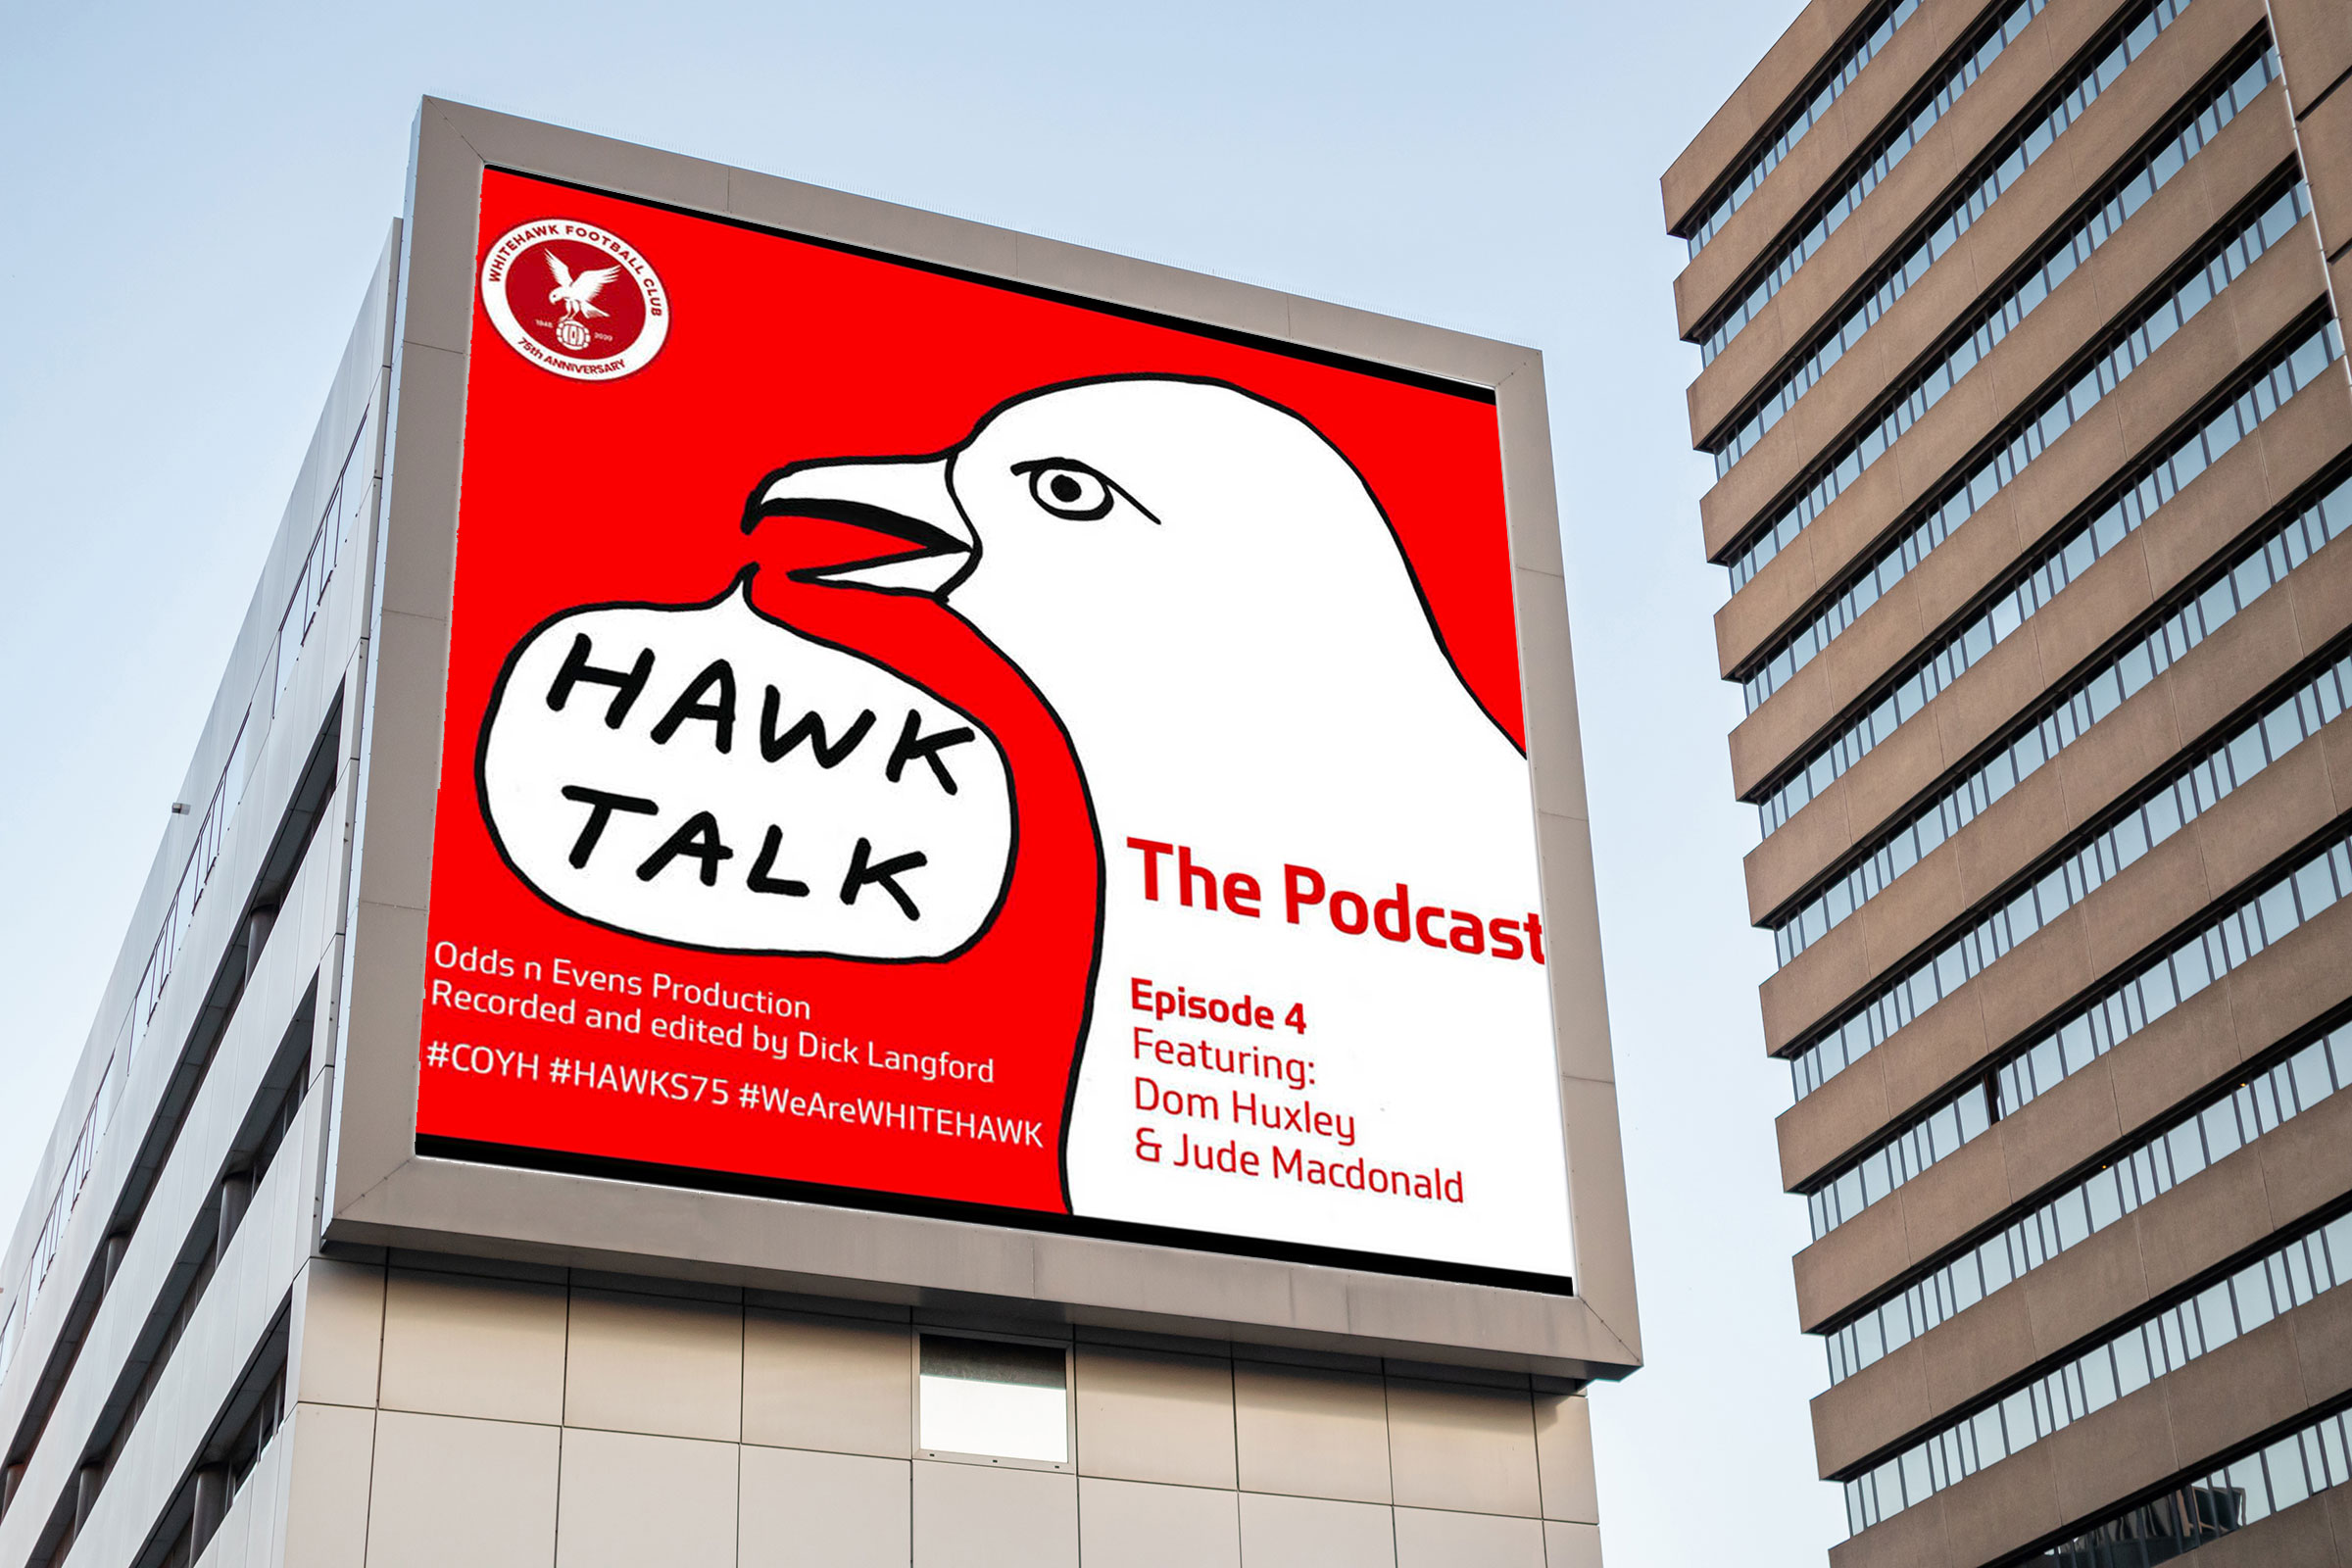 Hawks Talk Podcast billboard.